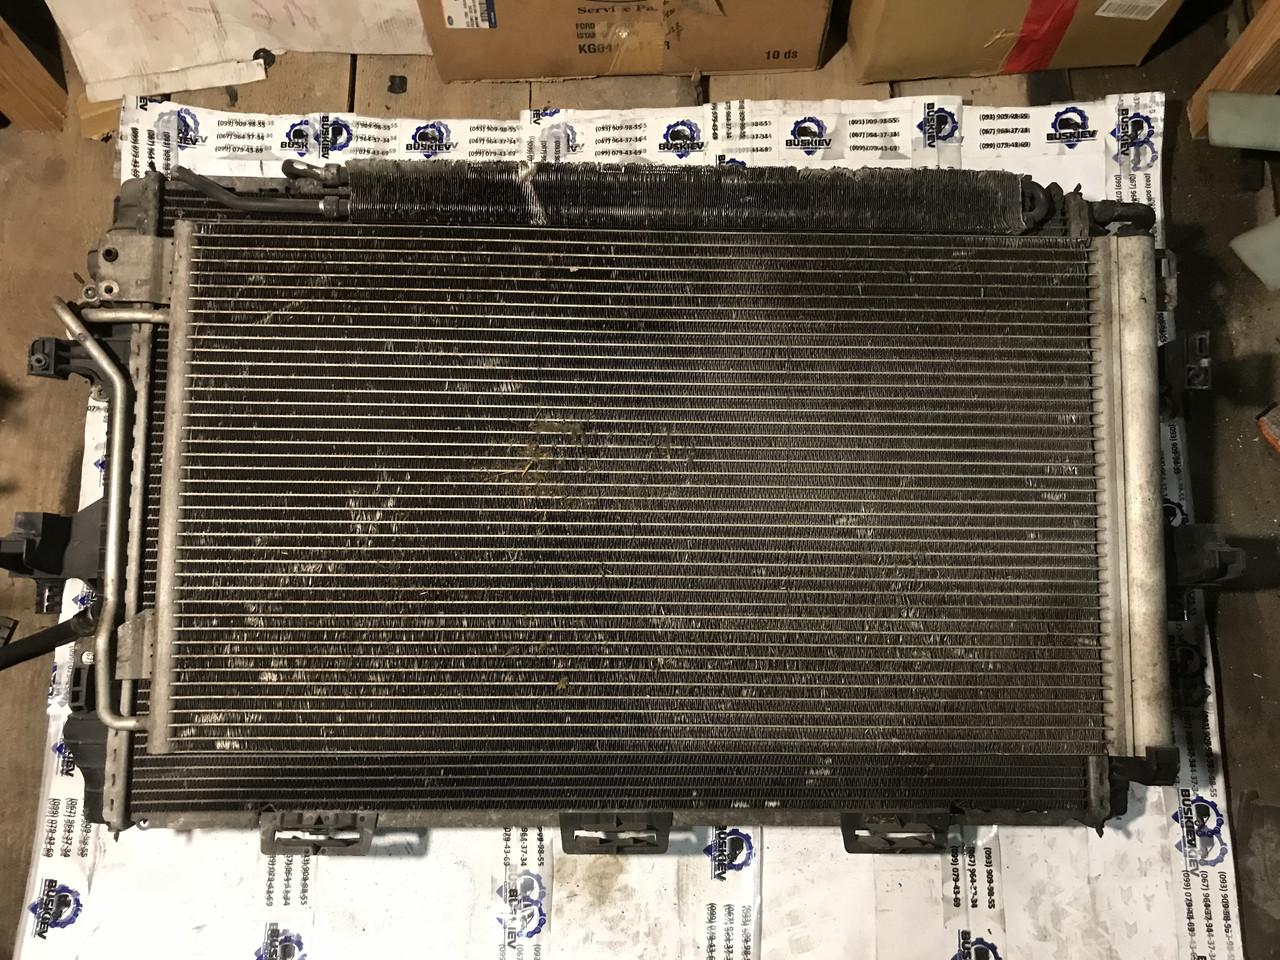 Радиатор кондиционера Volkswagen Transporter T5 с 2003- год 7H0121253J 7H0422847A 7H0820411D